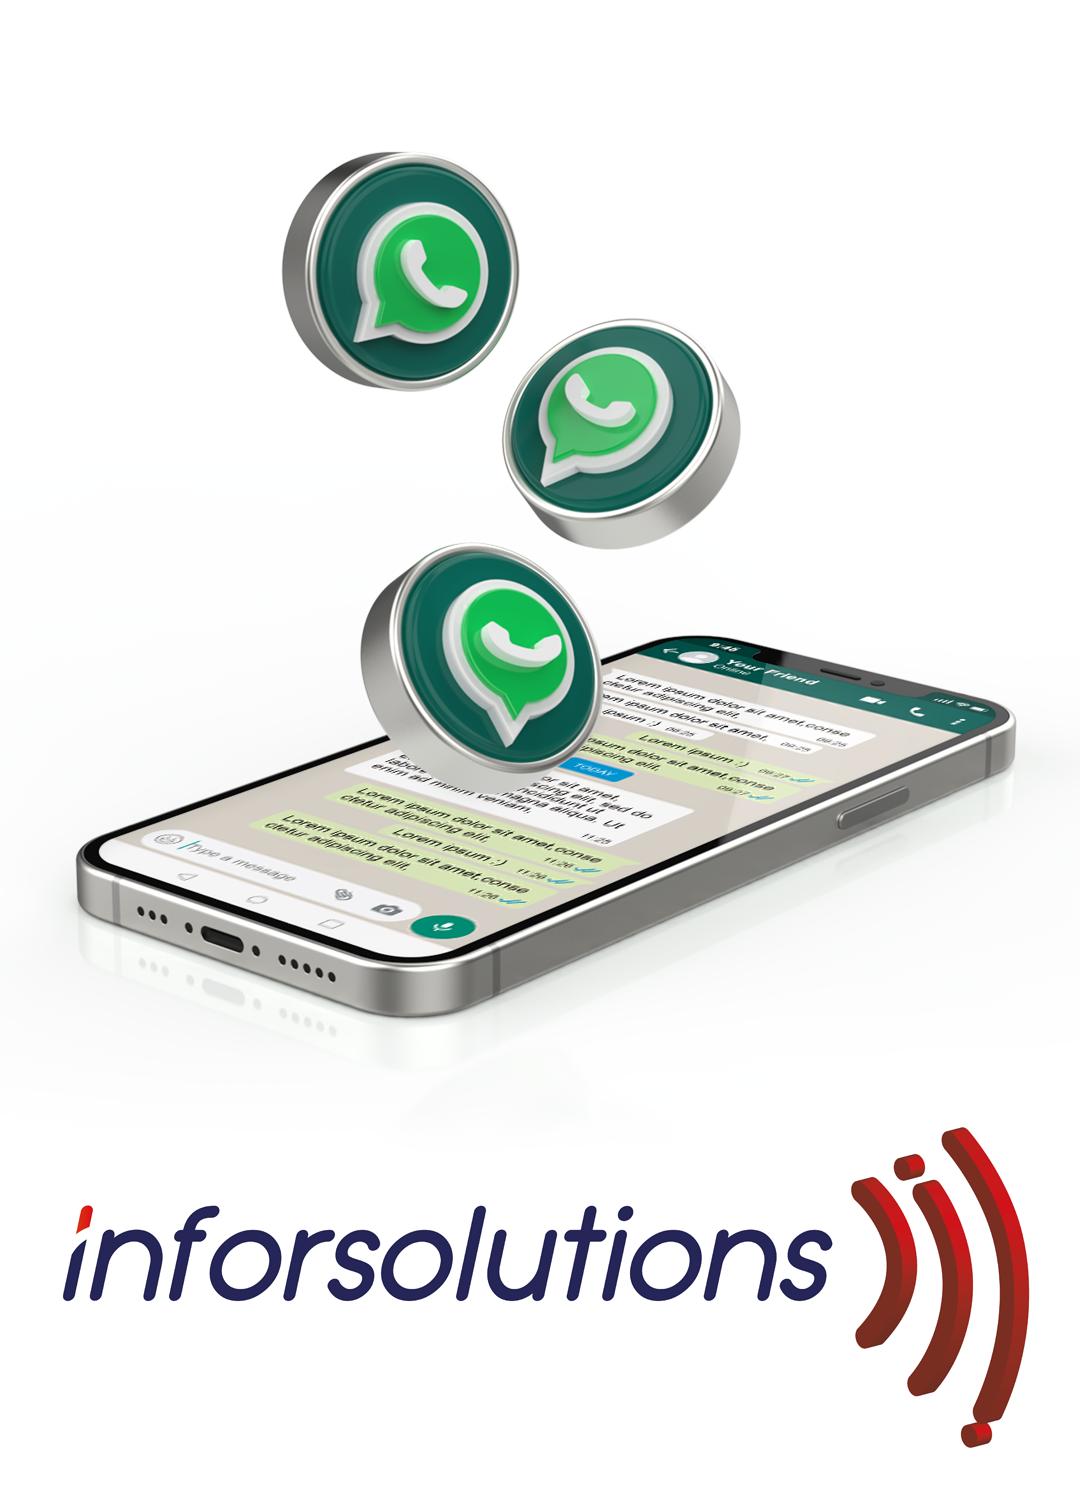 chatbot-whatsapp-inforsolutions